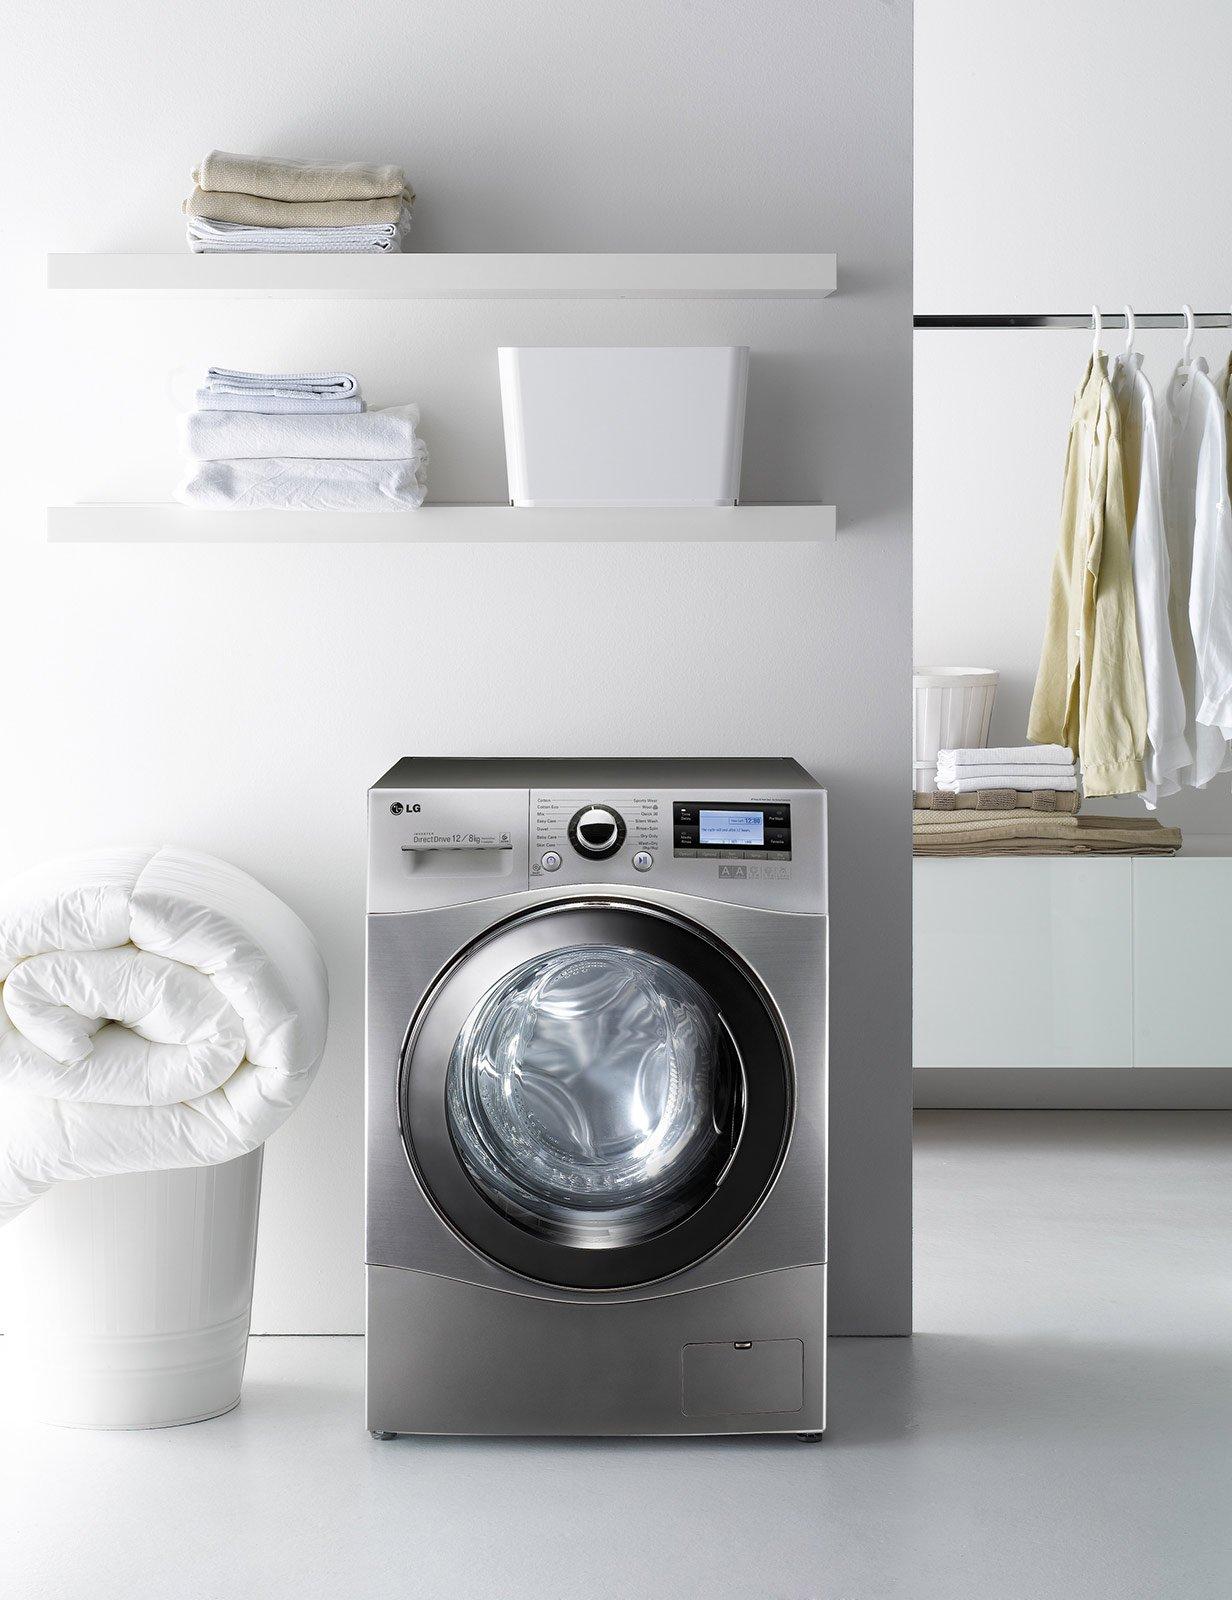 Elettrodomestici silenziosi cose di casa for Motore inverter lavatrice